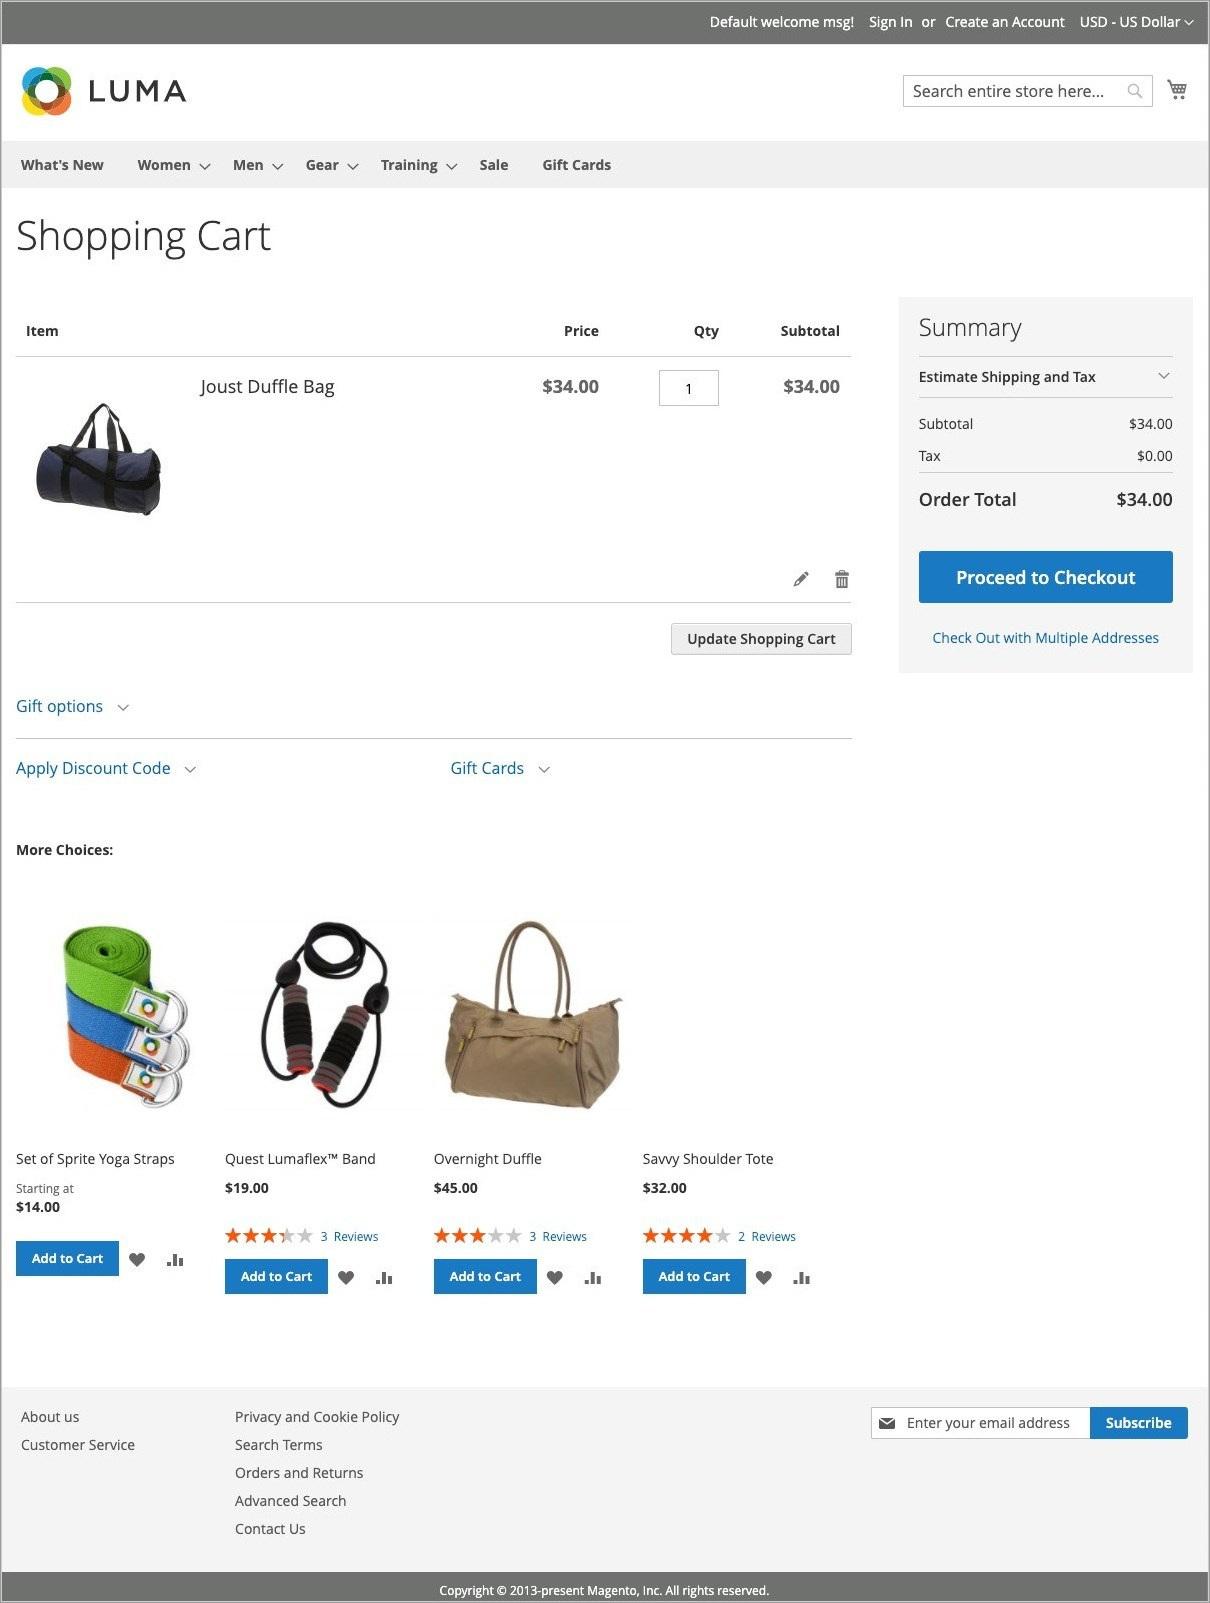 صفحة سلة التسوق (Shopping Cart Page) فى متجر ماجنتو 2